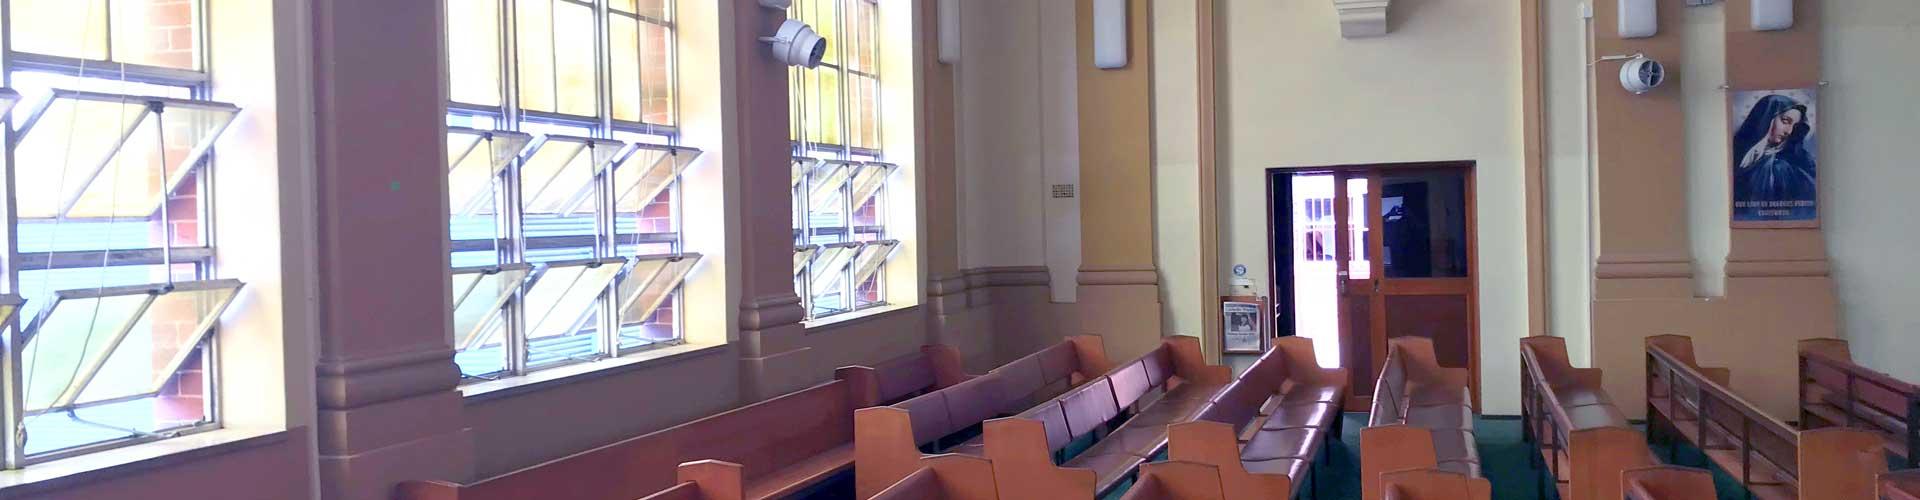 Airius-Destratification-Fans-For-Churches-4